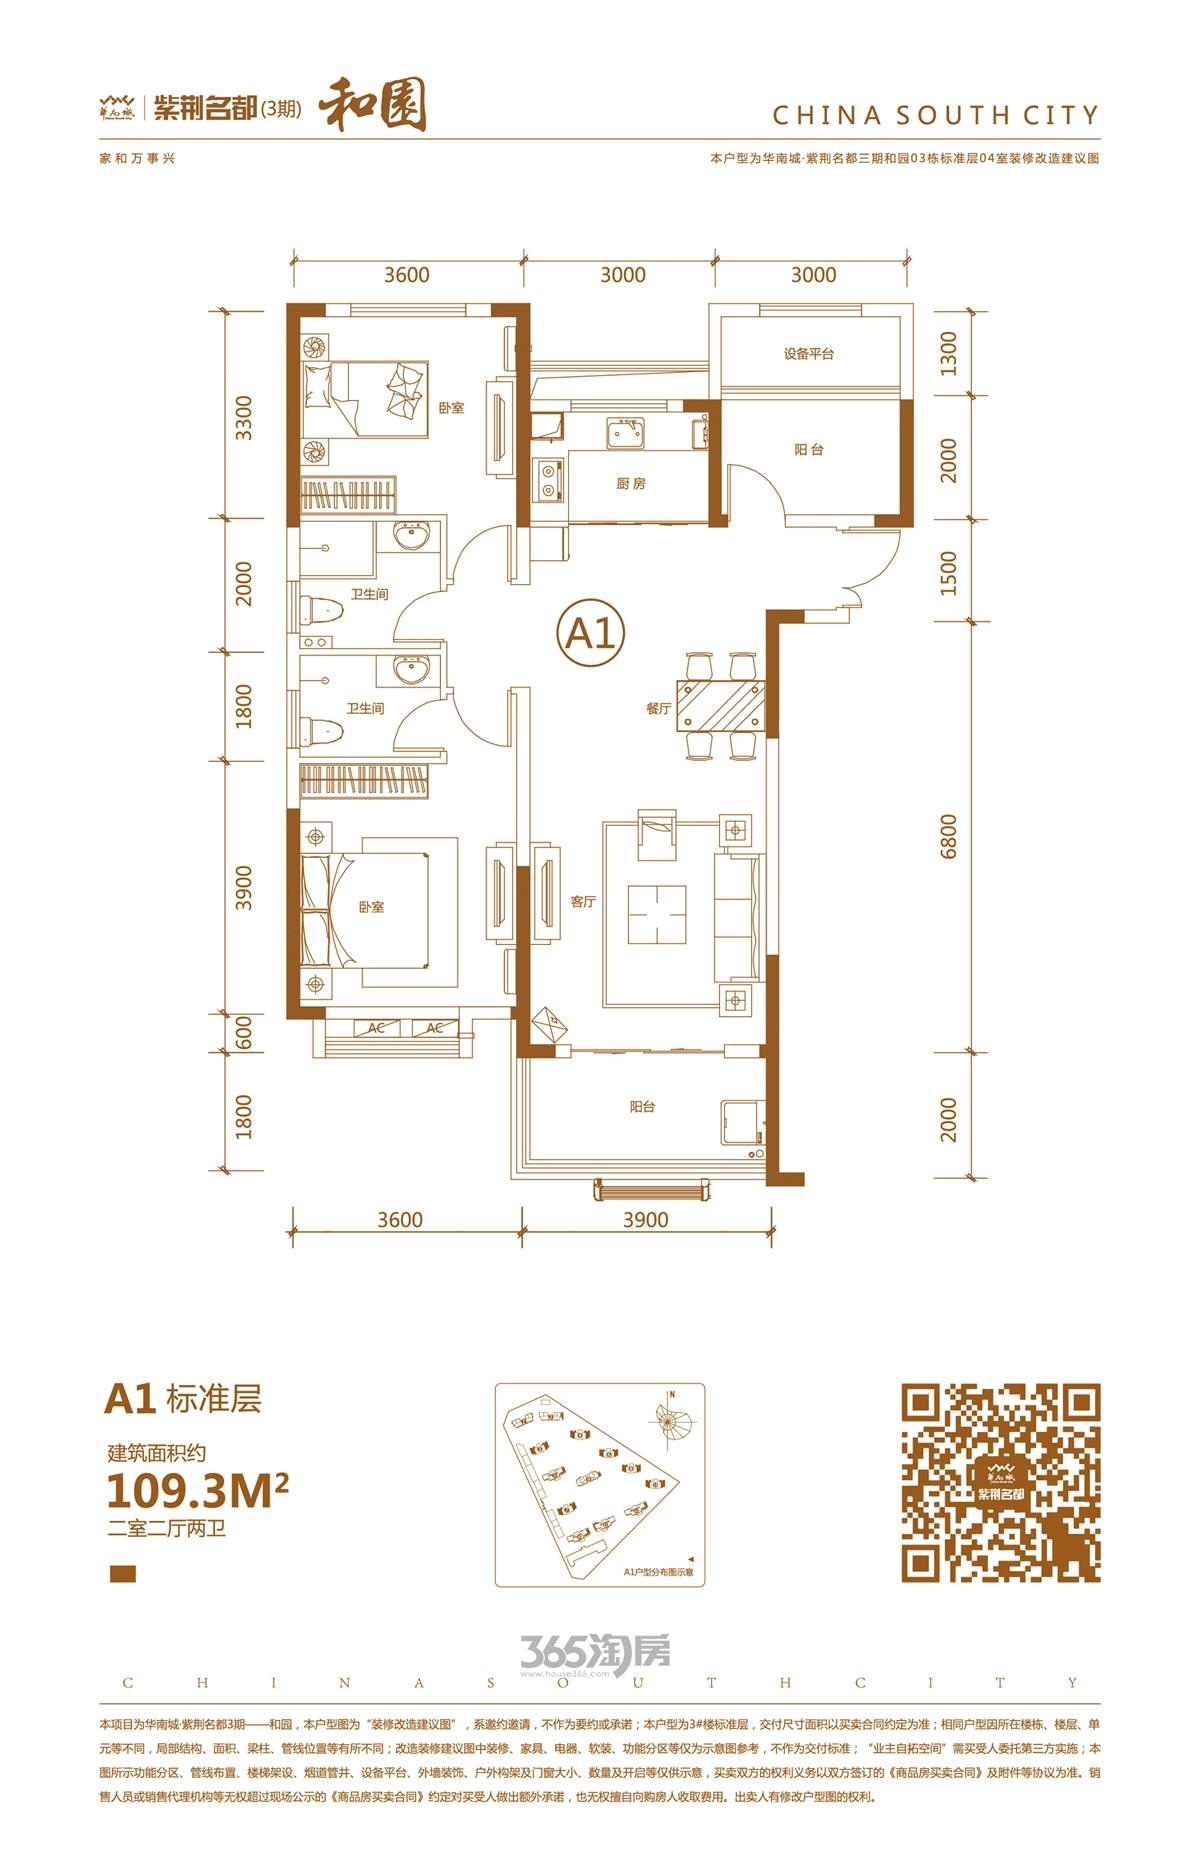 华南紫荆名都三期和园A1户型图